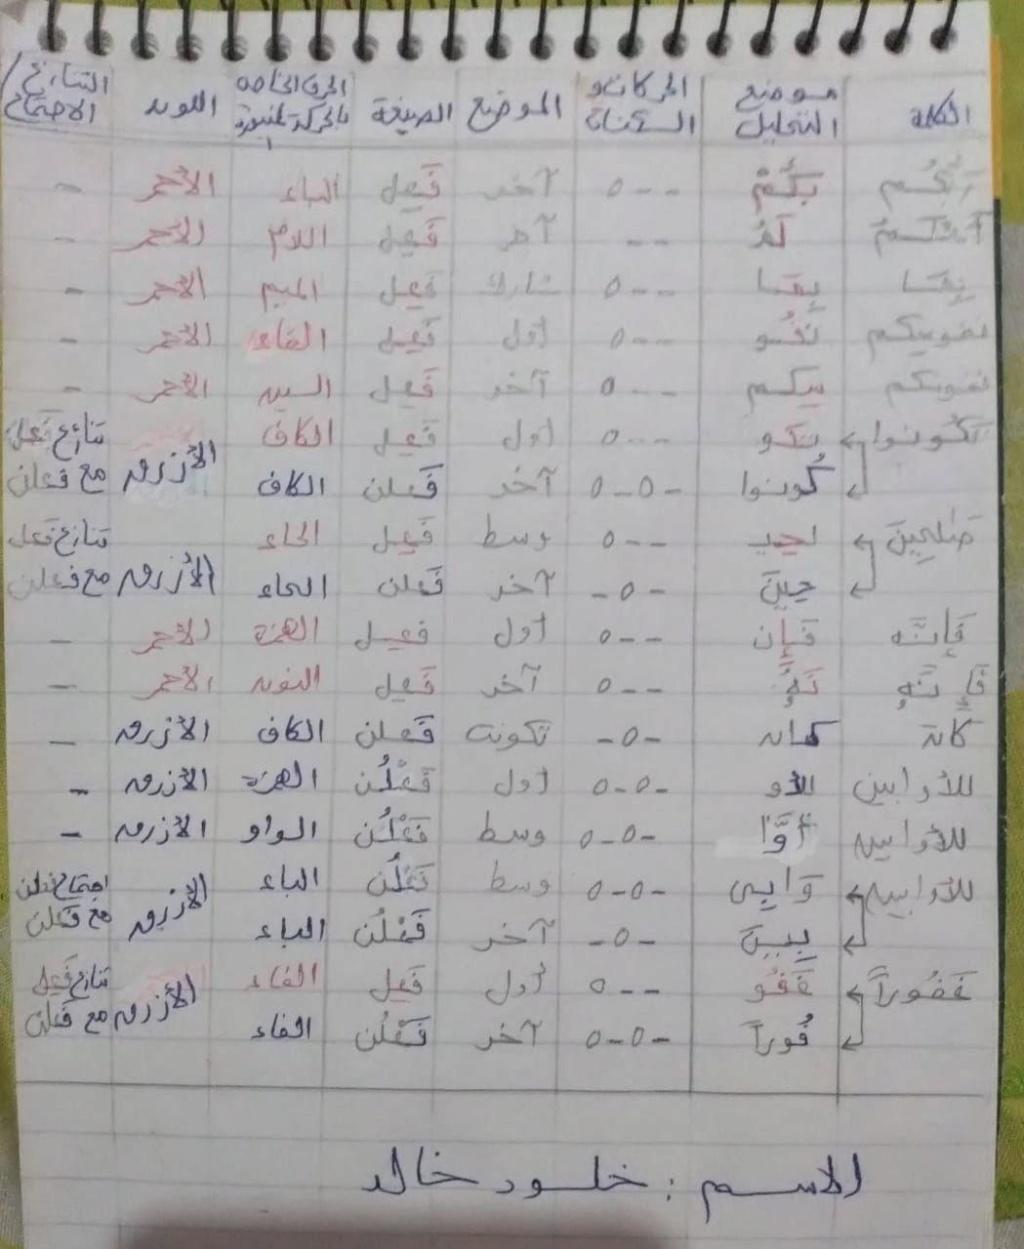 الواجب الرابع / الدورة السابعة  Yaica10